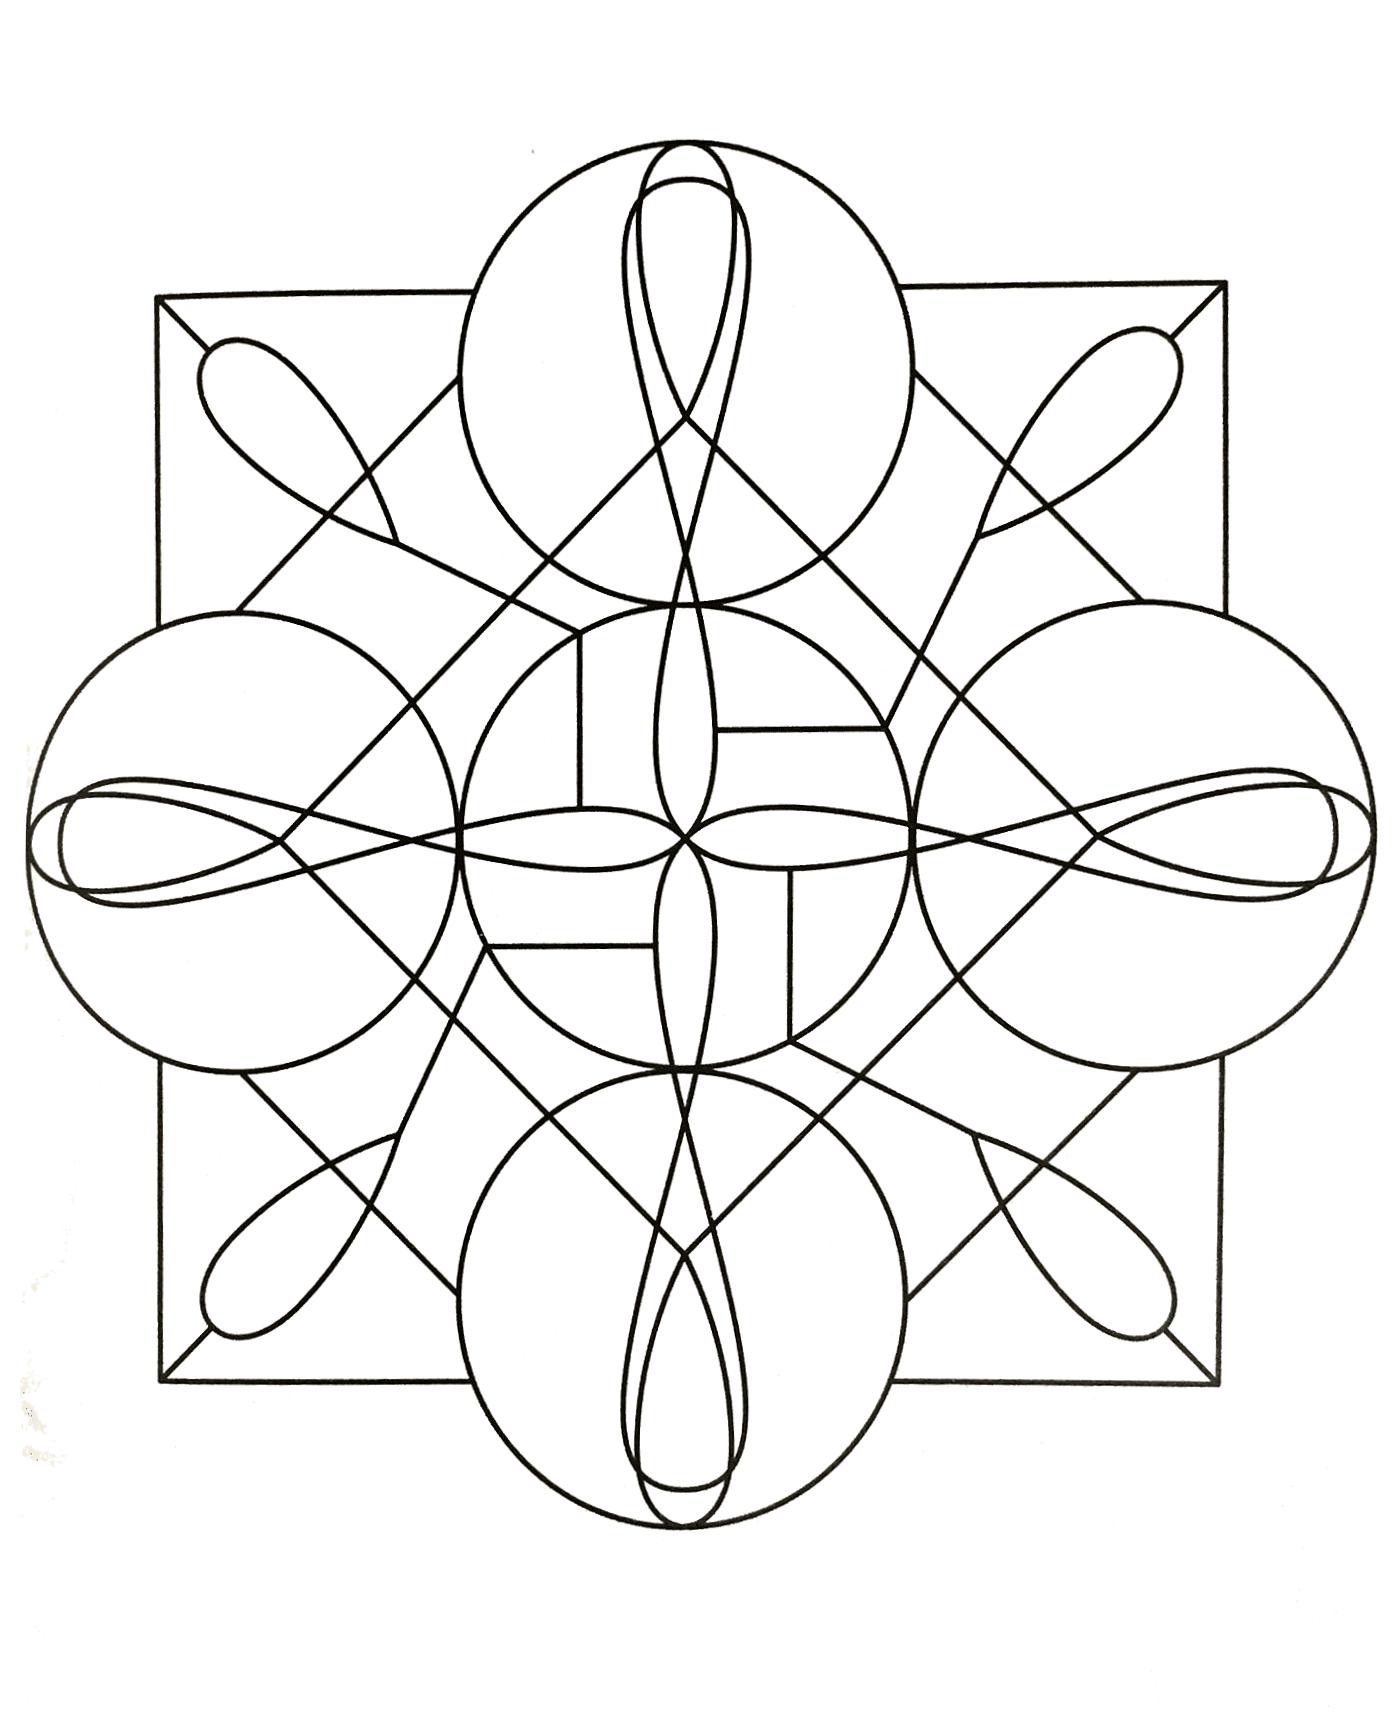 Mandala Gratuit A Imprimer Mandalas Zen Anti Stress 100 Mandalas Zen Anti Stress